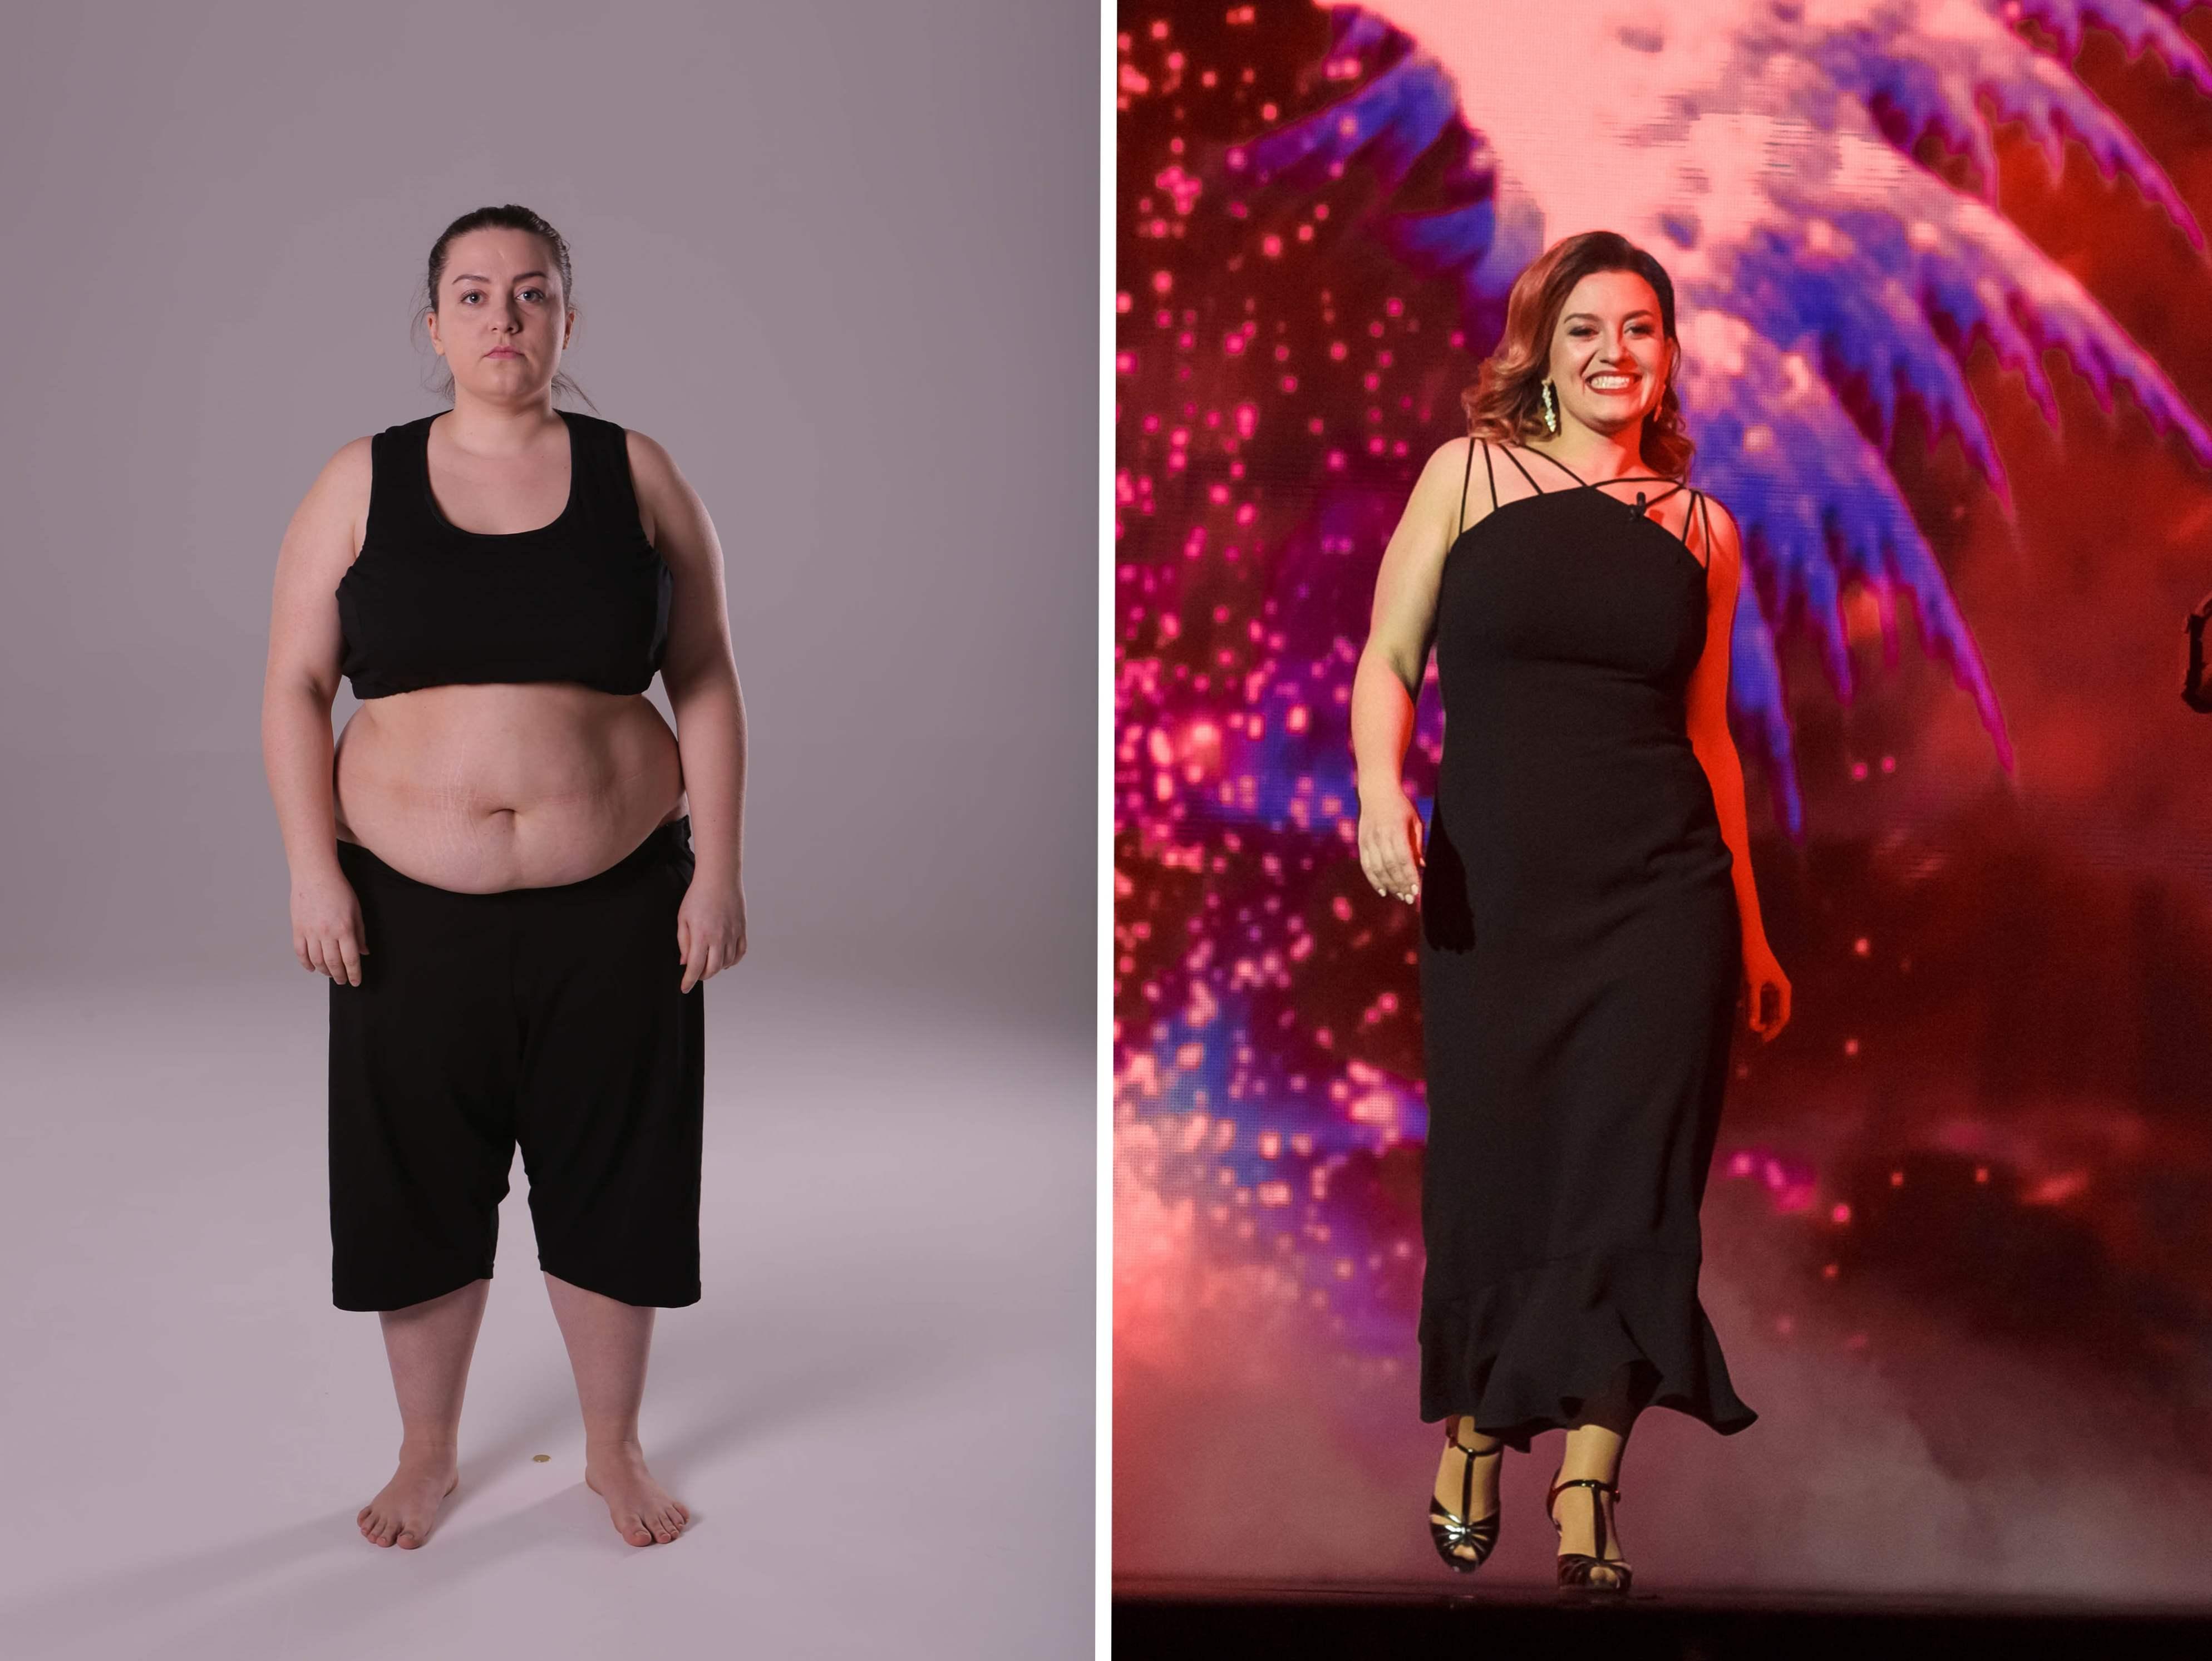 Программ Похудей Фото. Похудеть за месяц. Программа тренировок и план питания